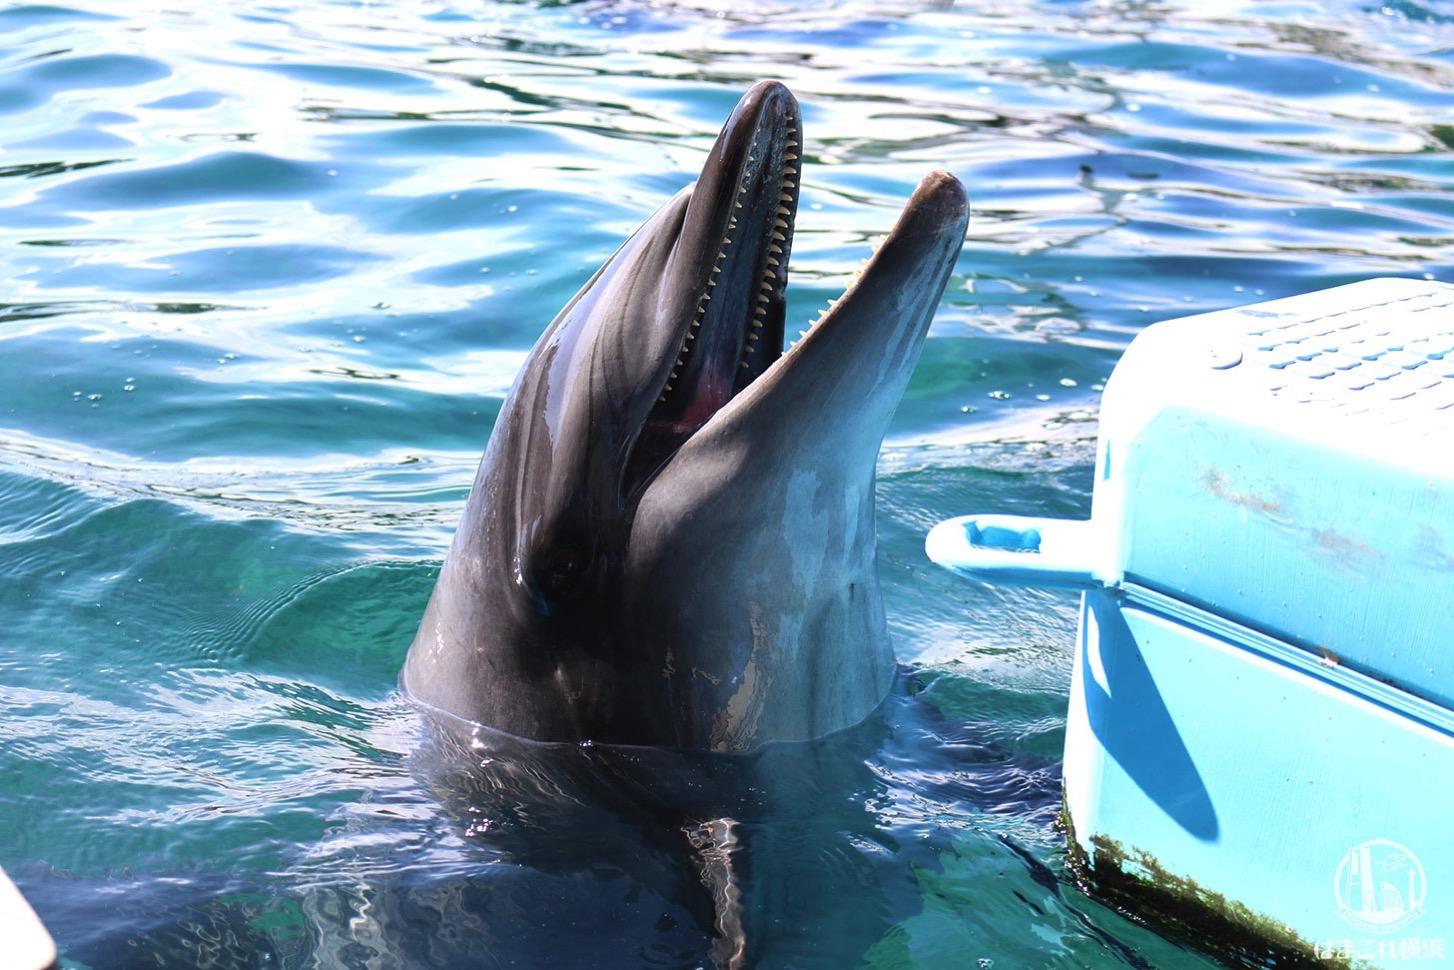 八景島シーパラダイス、水族館だけで楽しすぎ!水族館4施設の楽しみ方と所要時間